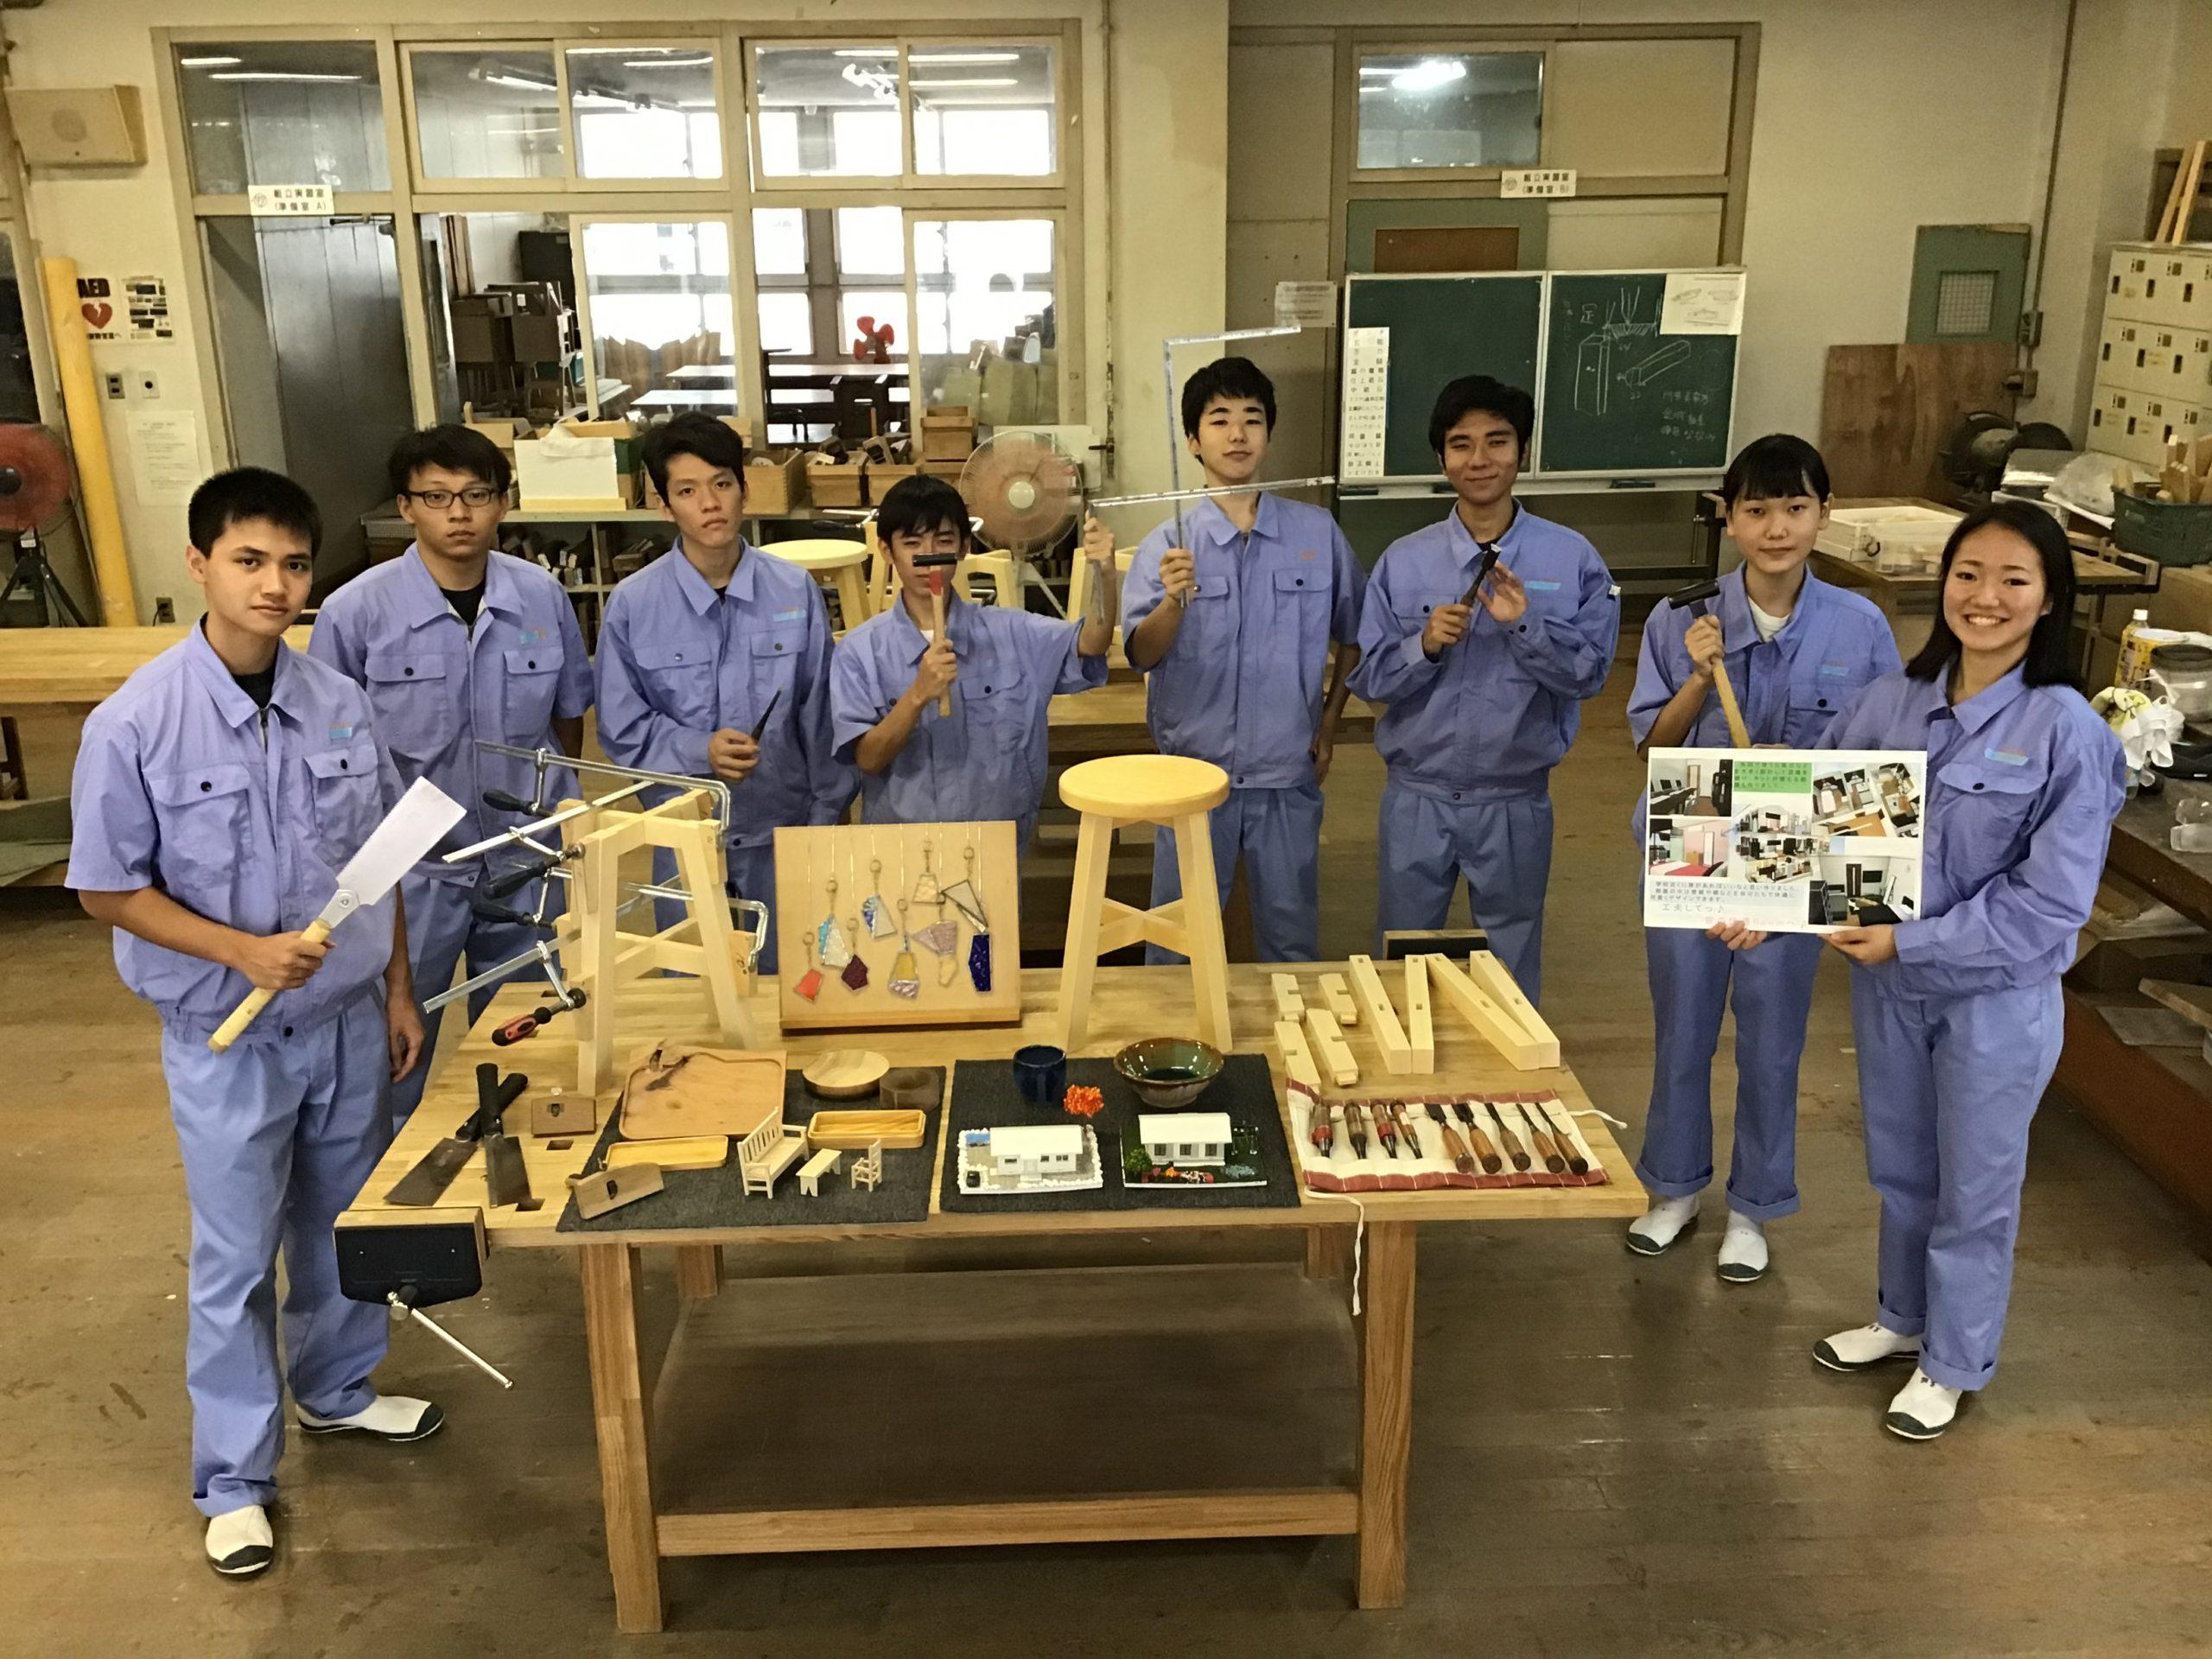 A-浦添工業高校Aインテリア科メイン画像-scaled.jpg